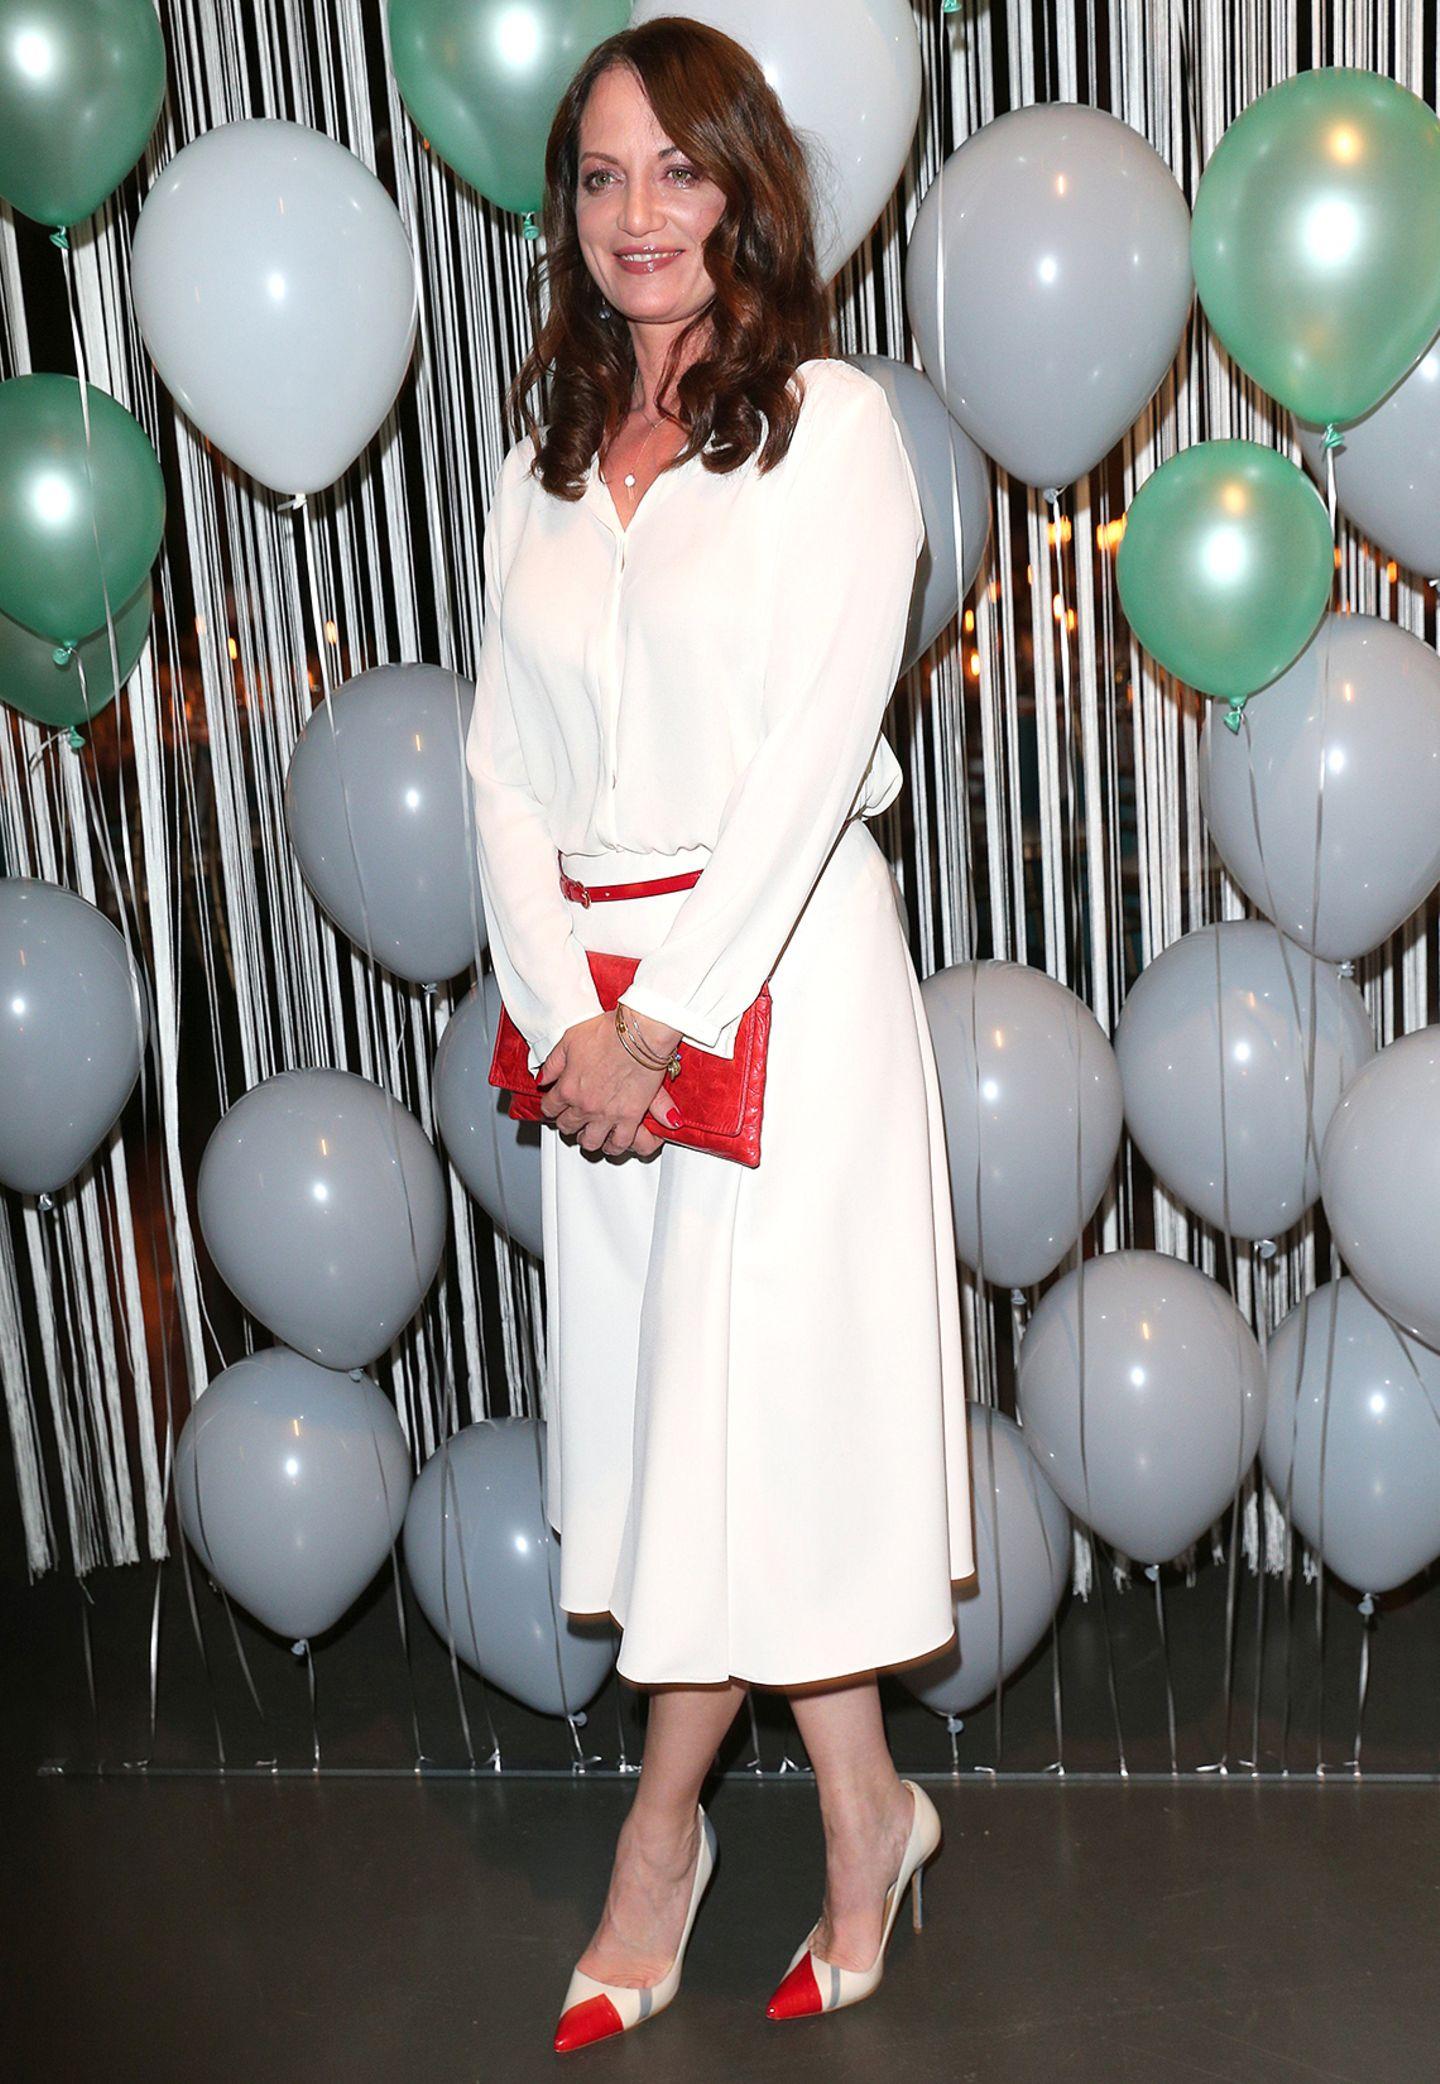 Natalia Wörner peppt ihr Outfit mit roten Accessories auf.